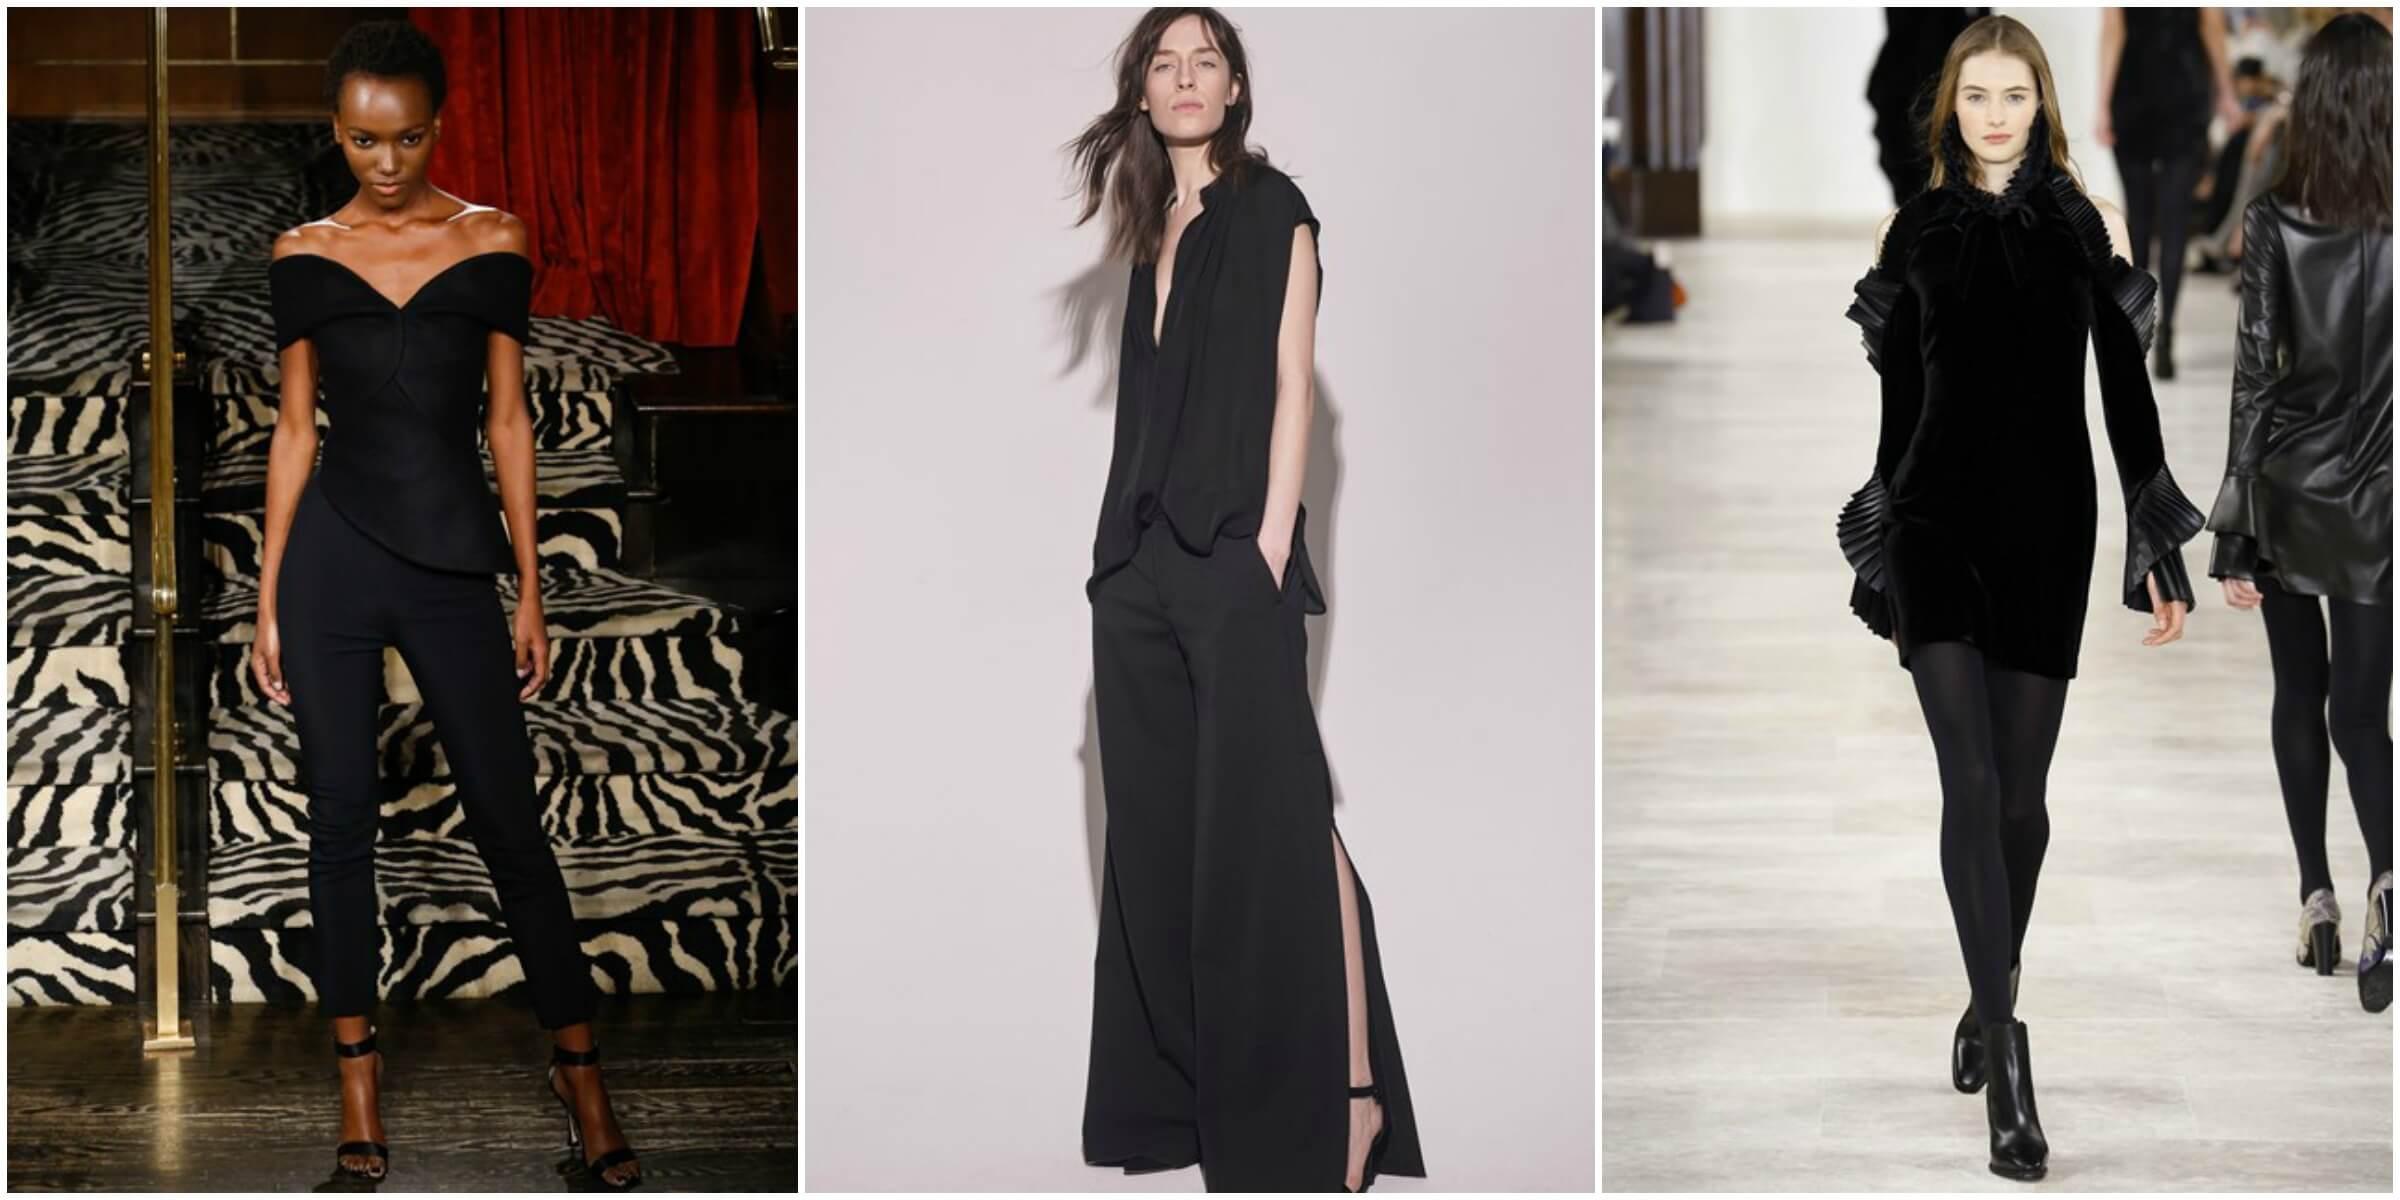 Brandon Maxwell FW16 via Vogue; Nili Lotain FW16 via Vogue; Ralph Lauren FW16 via Vogue